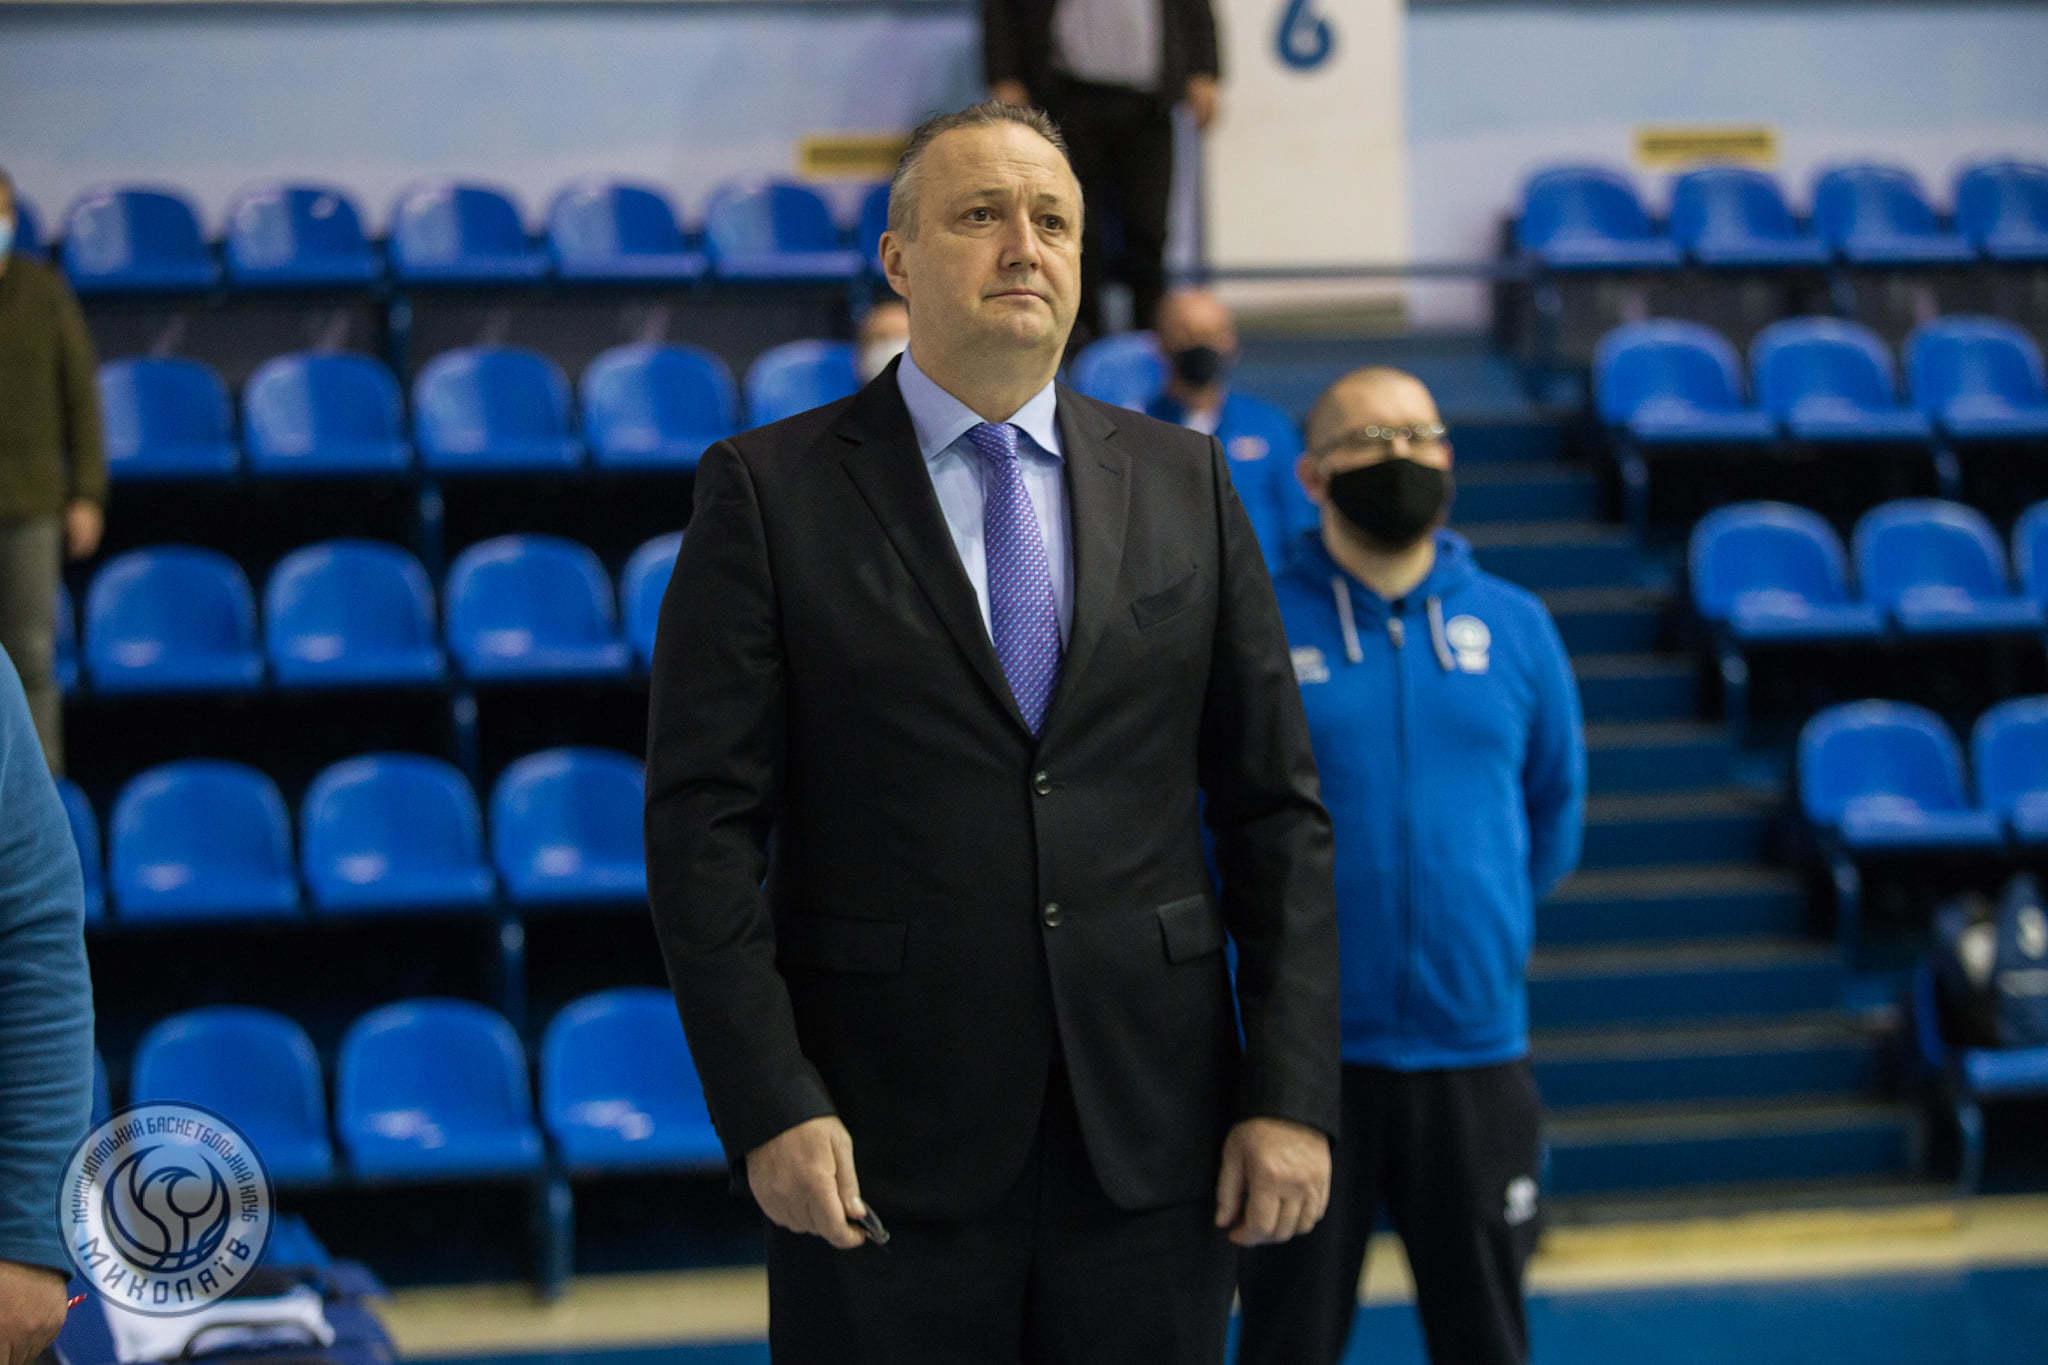 Миколаїв виграв домашній матч з Одесою: відео коментарів після гри